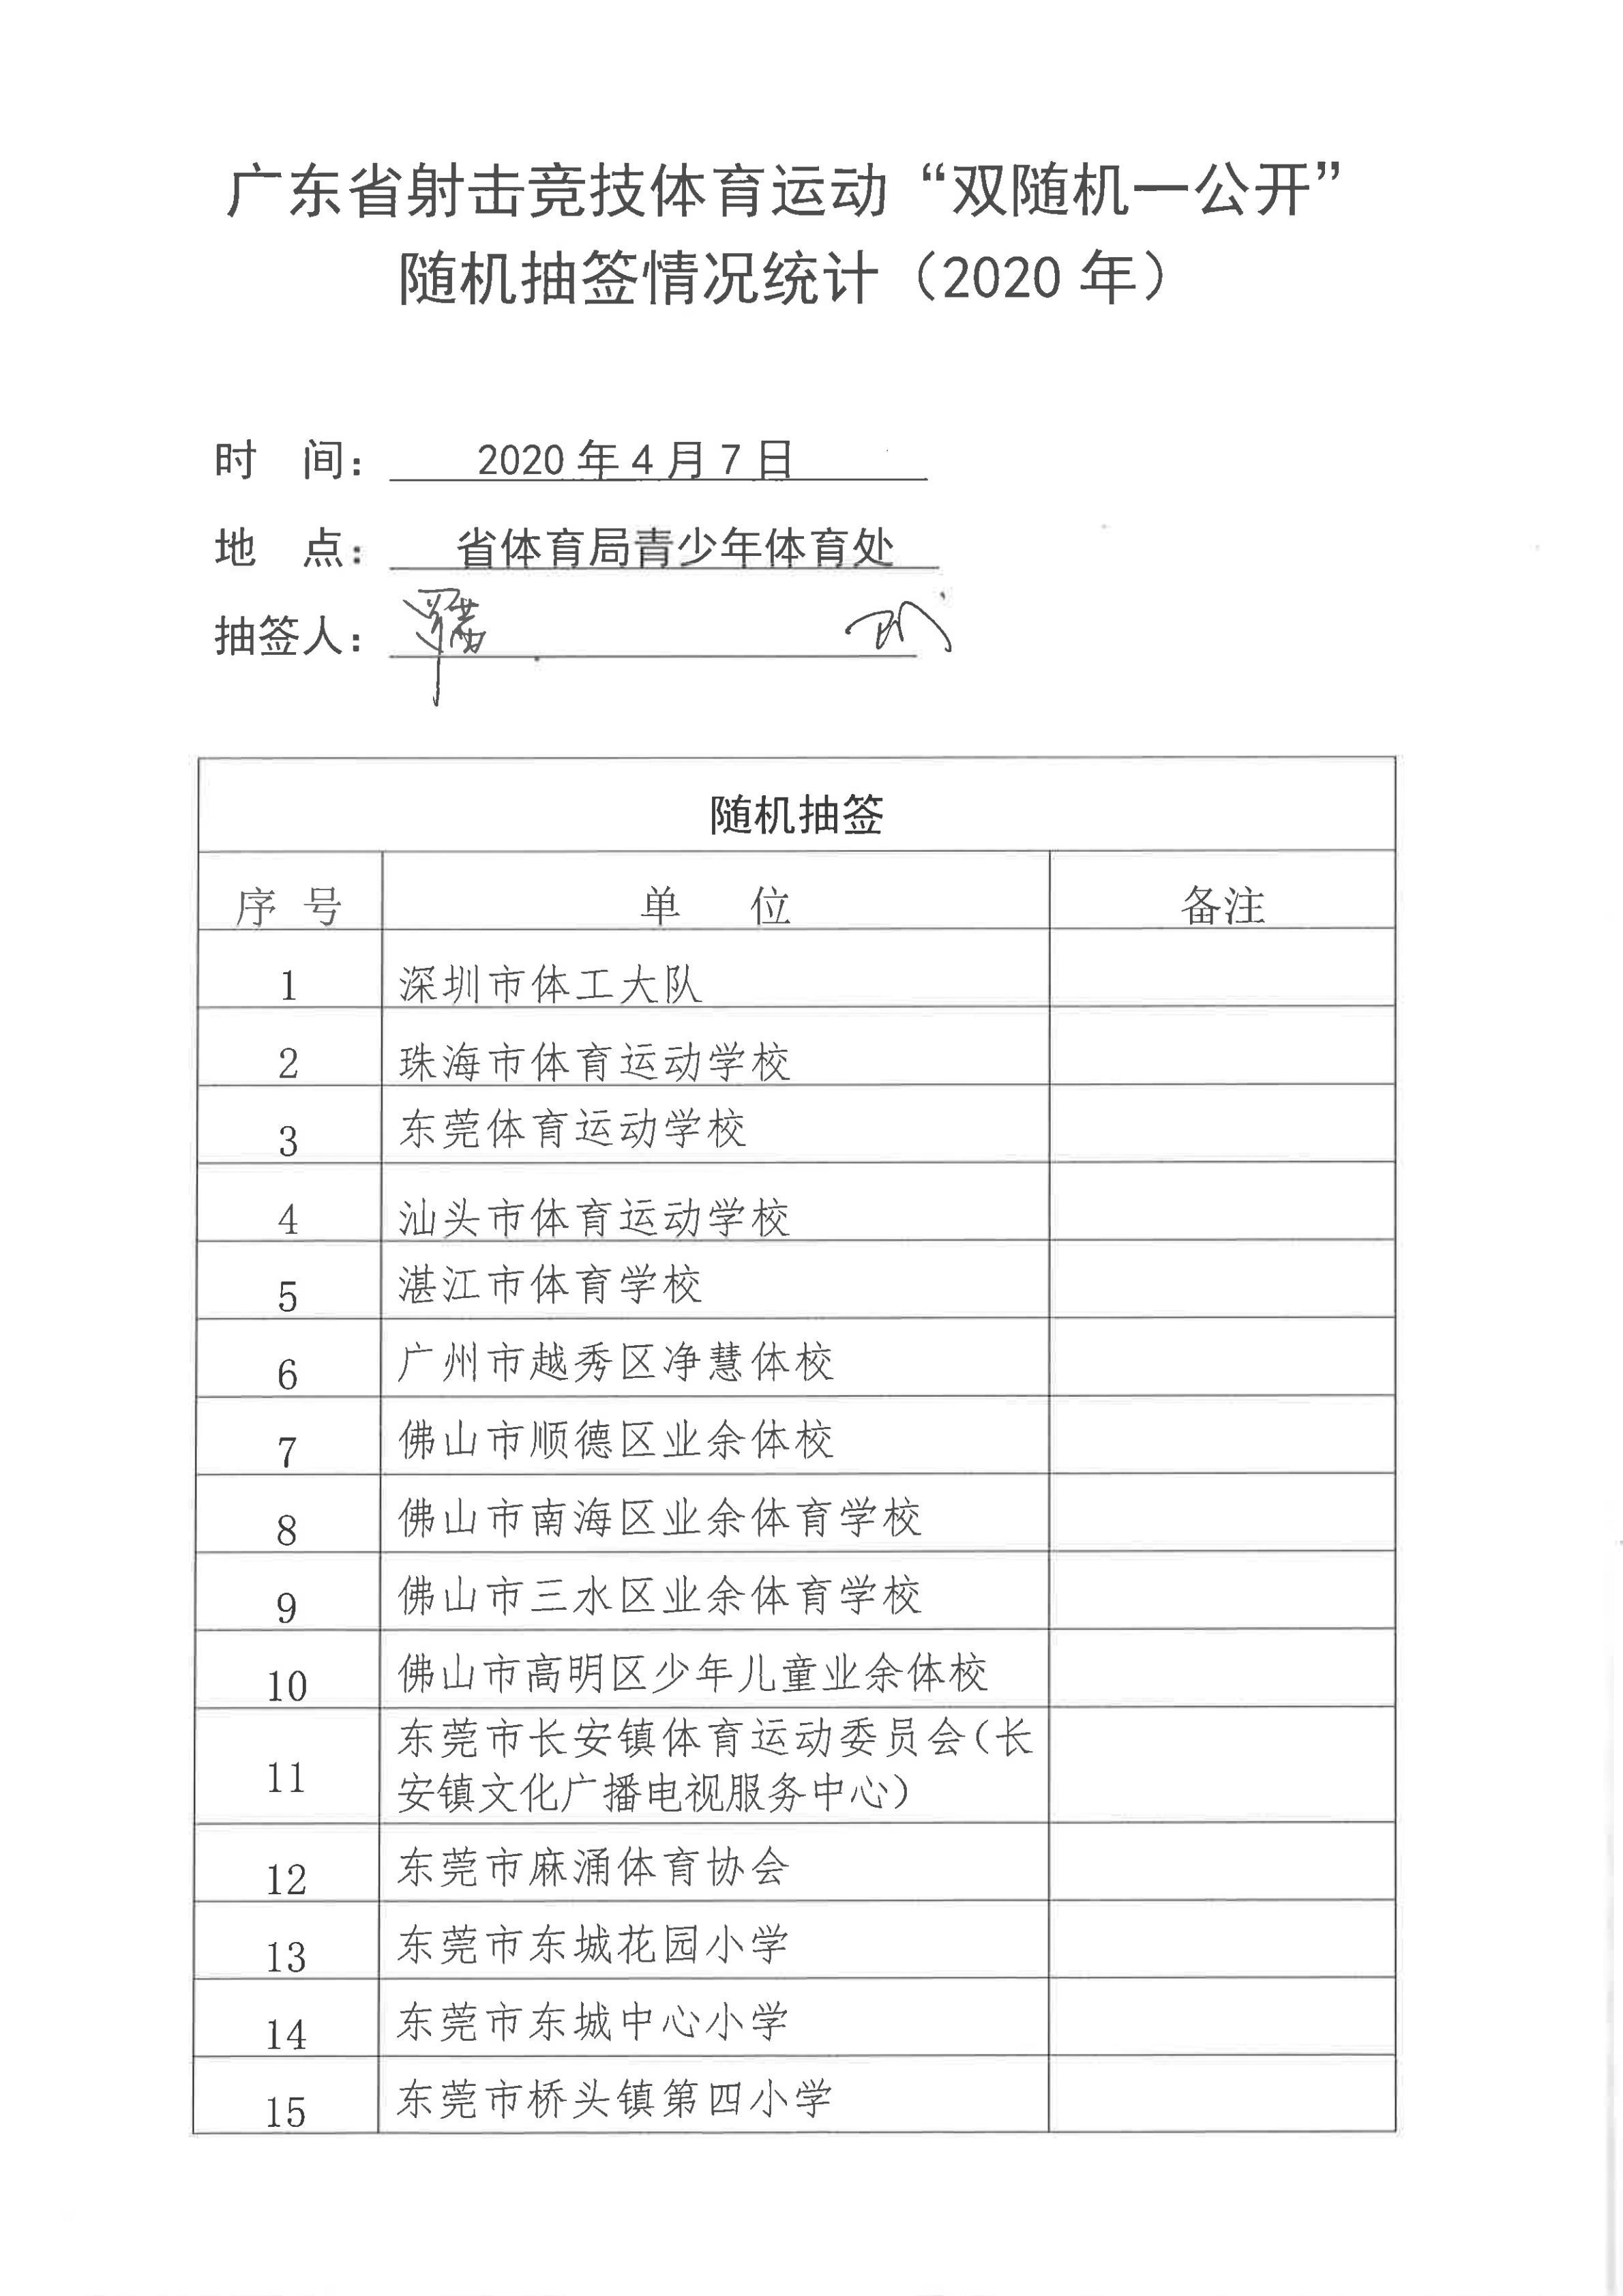 """广东省射击竞技体育运动""""双随机一公开""""随机抽签情况统计(2020年)_00.jpg"""